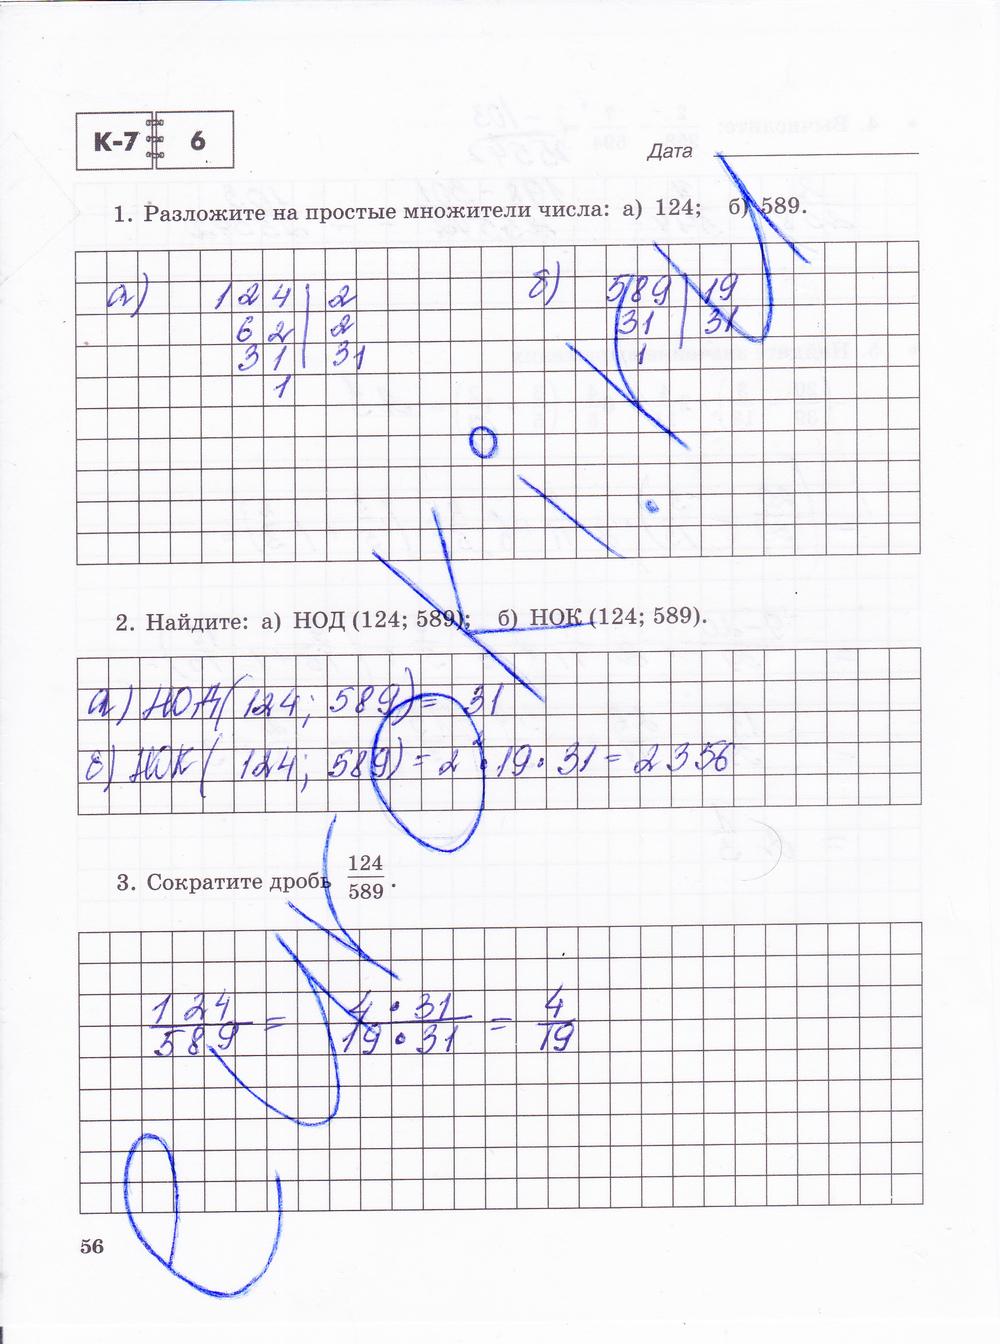 ГДЗ по математике 6 класс тетрадь для контрольных работ Зубарева, Лепешонкова Мнемозина Часть 1, 2 ответы и решения онлайн. Задание: стр. 56